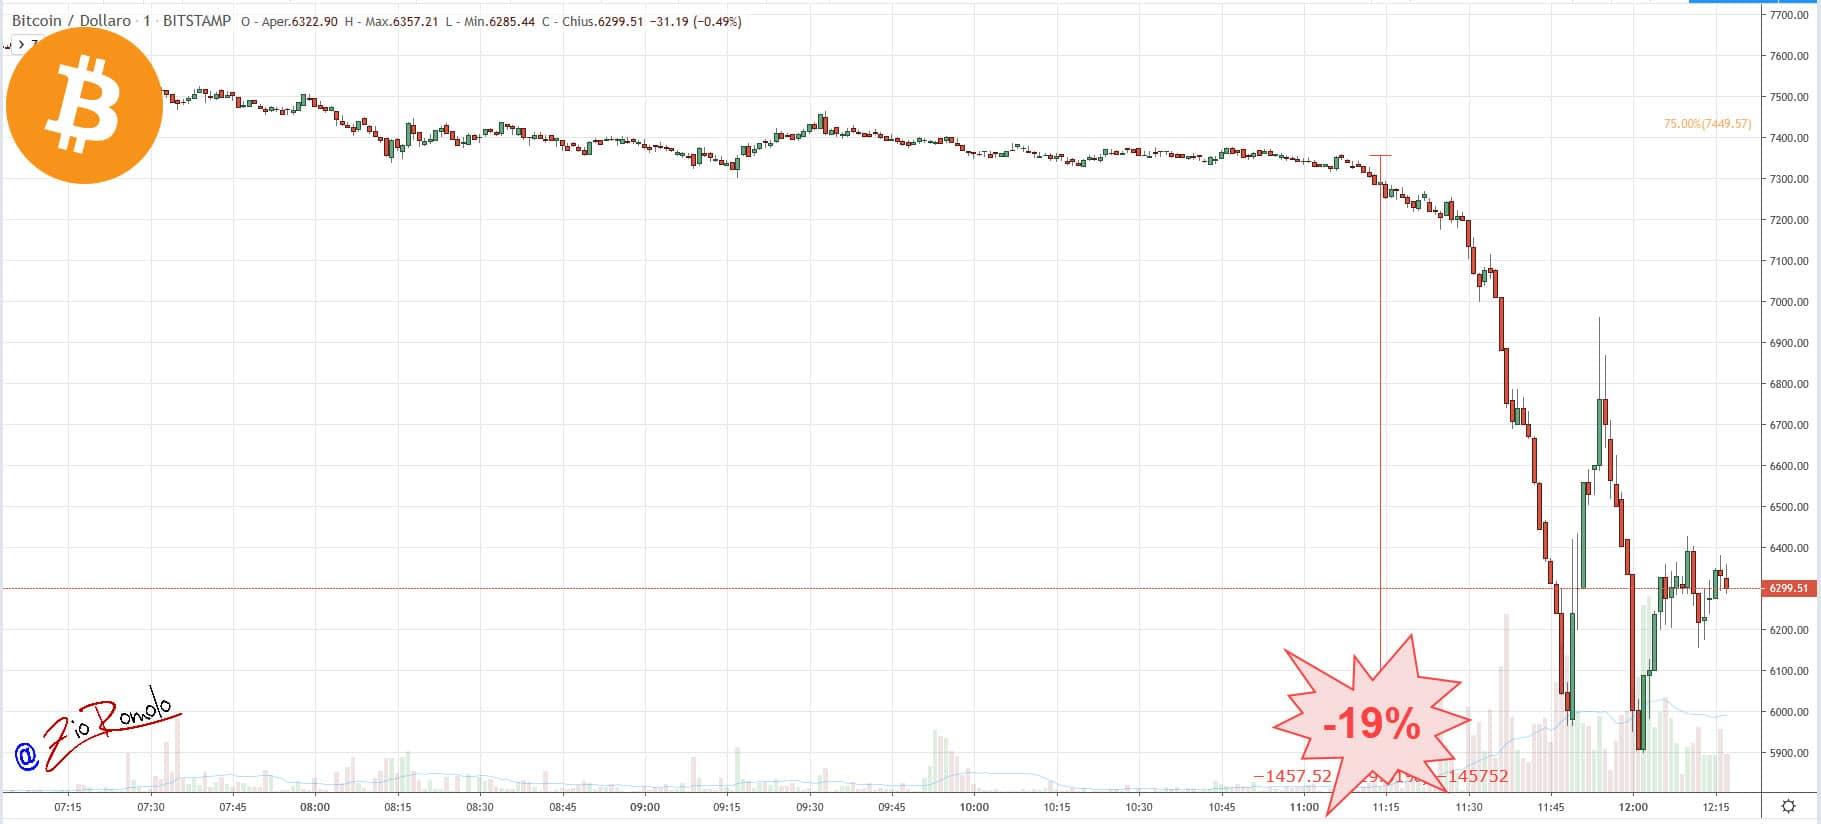 corsi trading online a pagamento bitcointalk del mercato idex